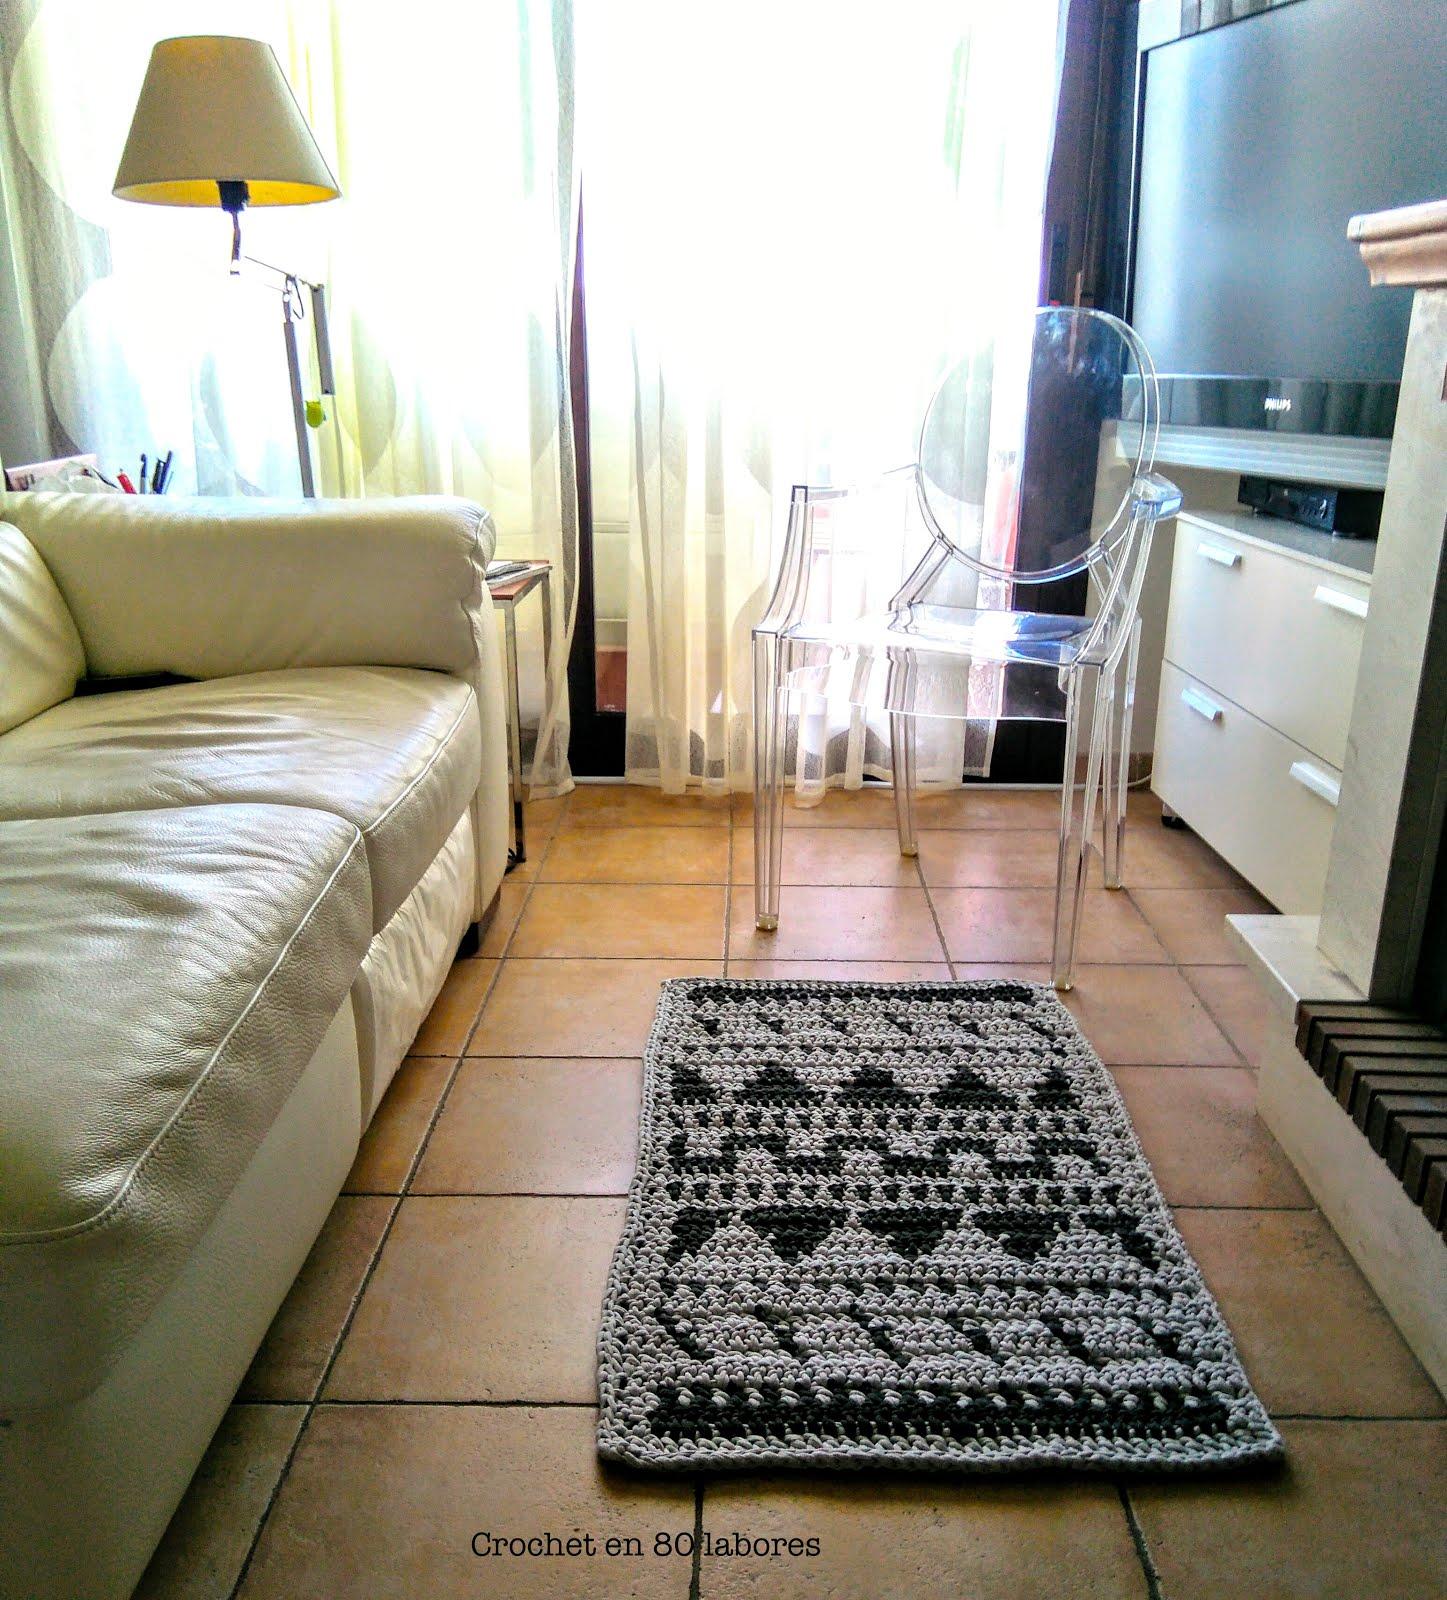 Crochet en 80 labores alfombra con dibujos geom tricos - Alfombras dibujos geometricos ...